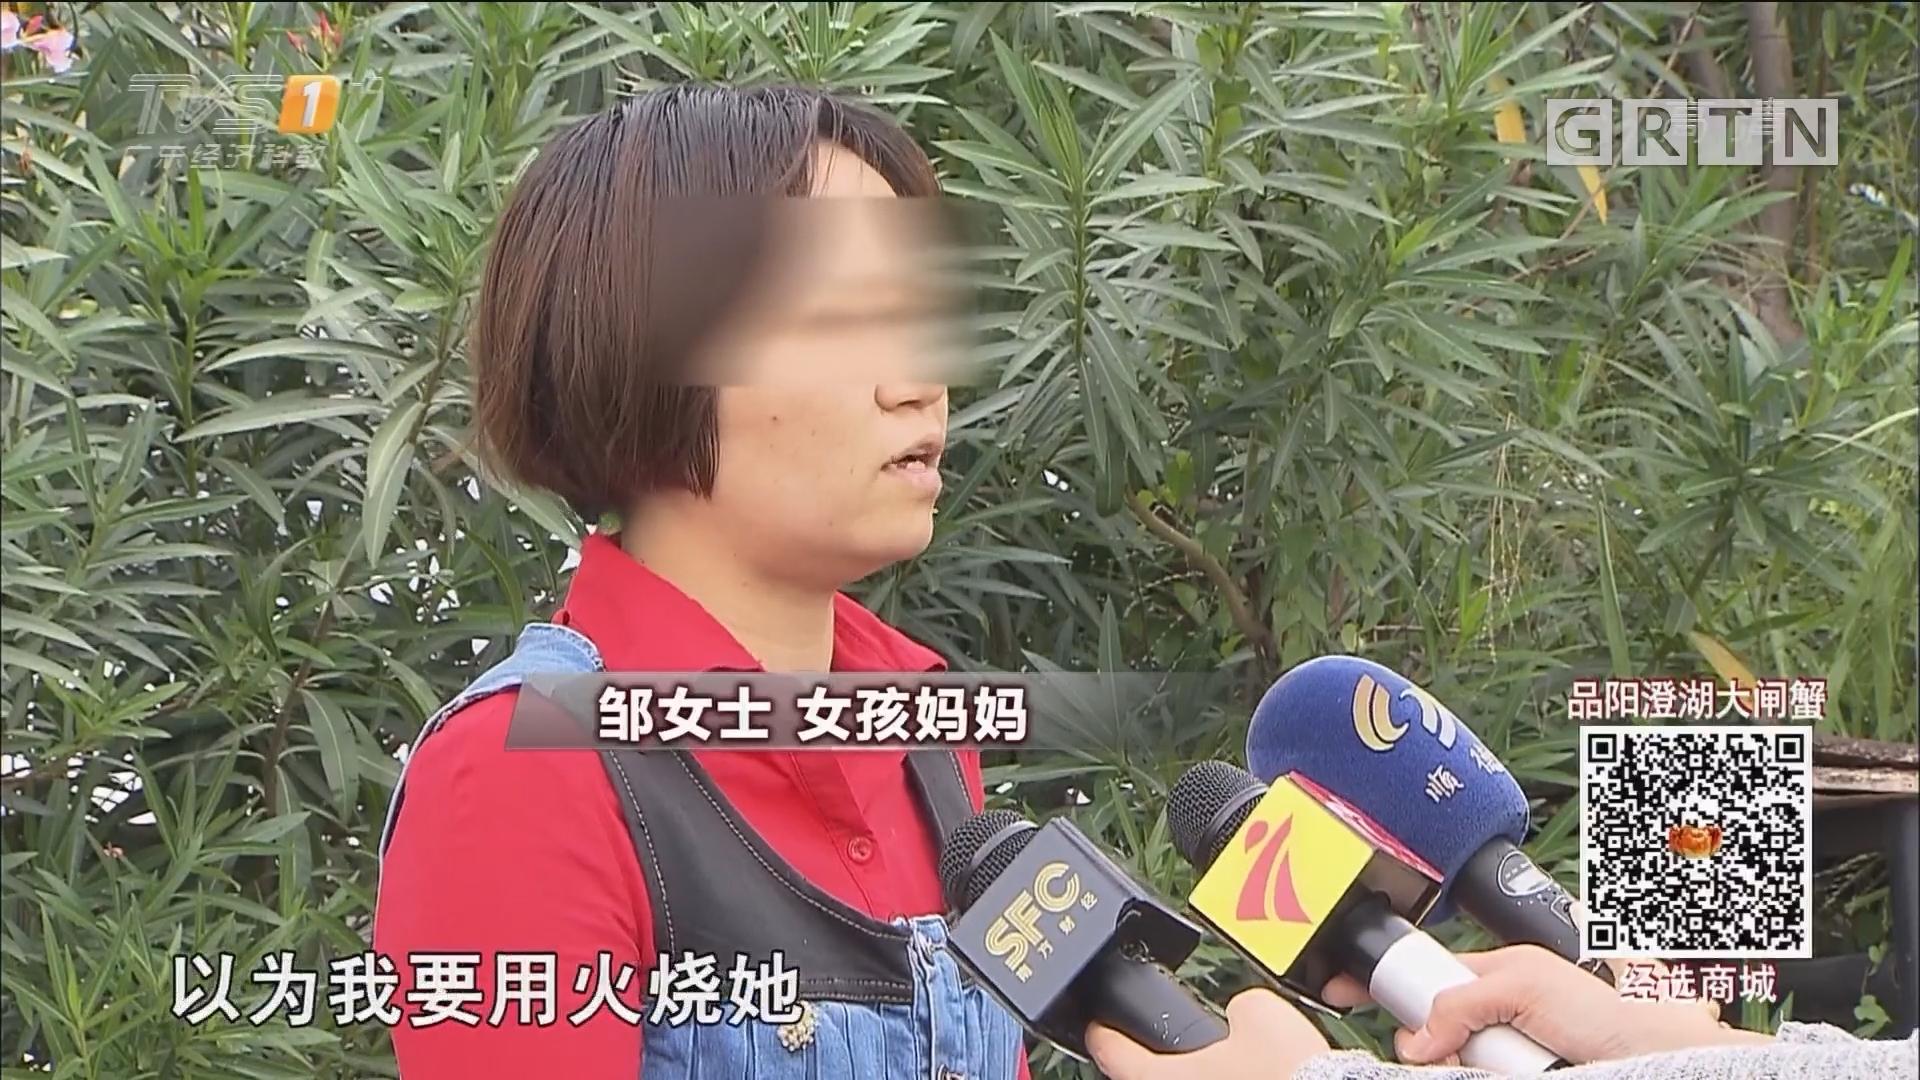 佛山:7岁女童负气出走 民警救助平安回家